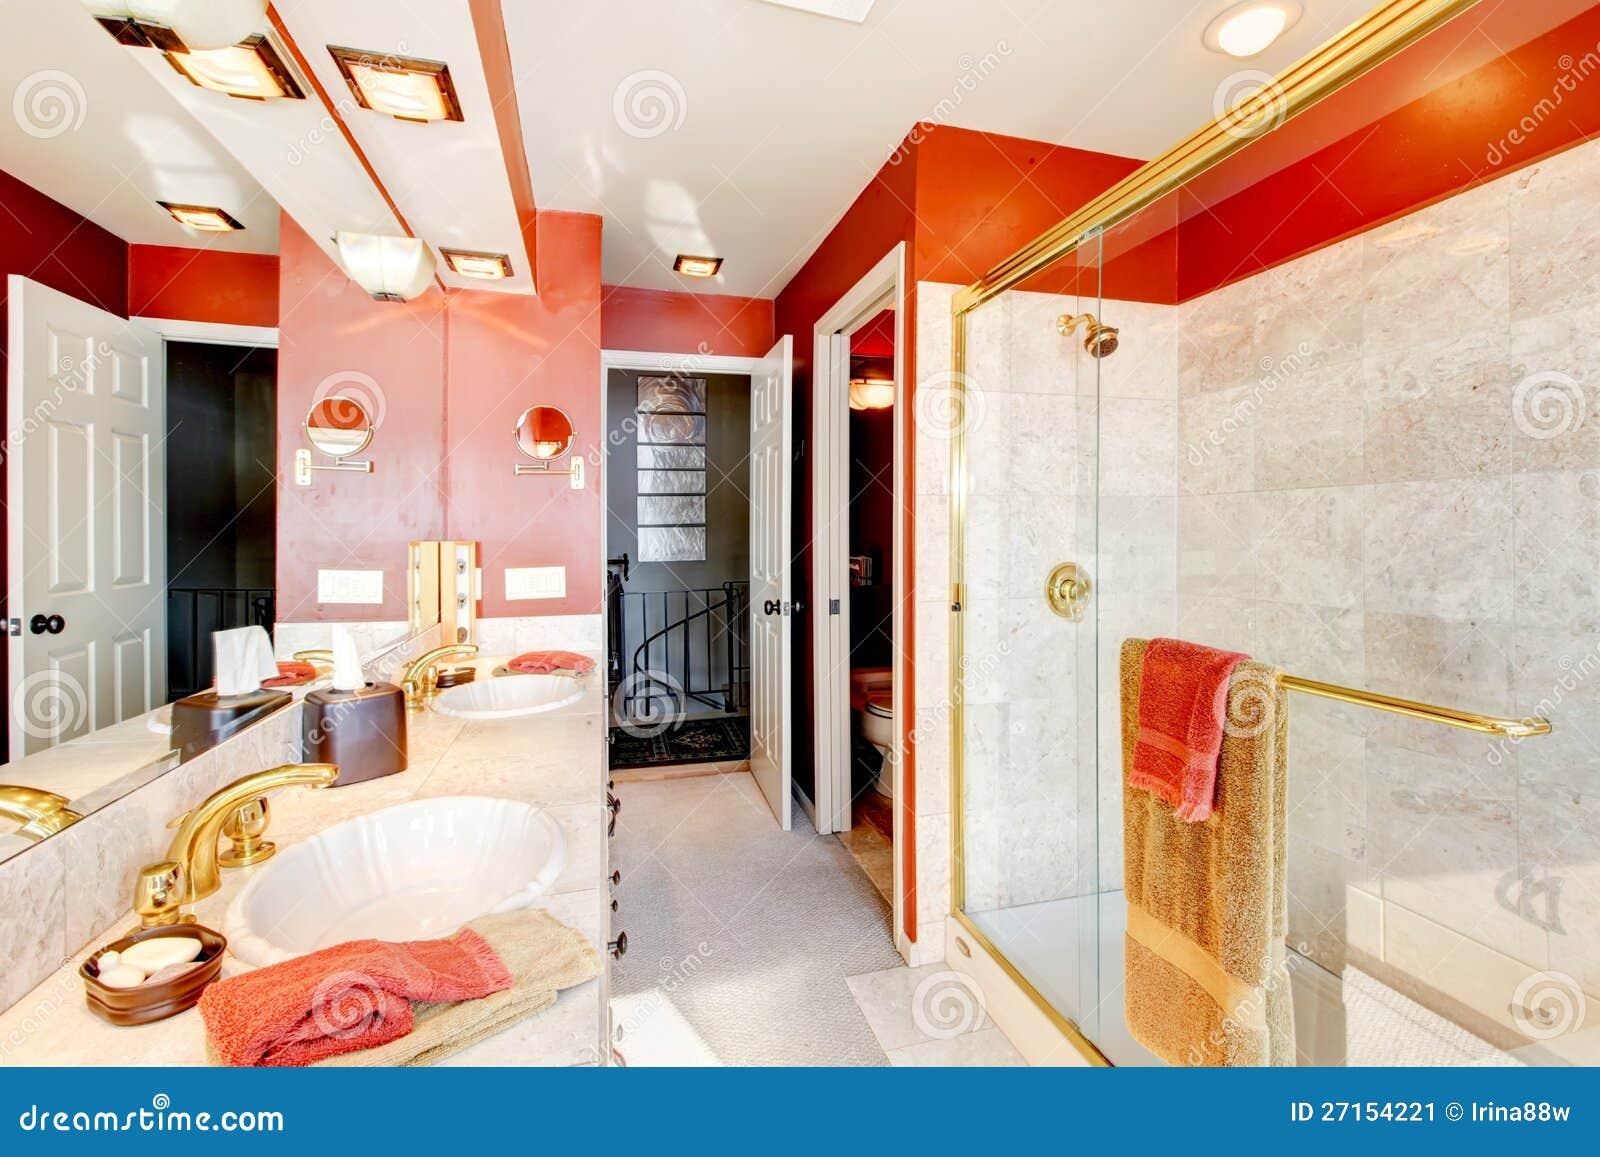 Badezimmer mit roten wänden und walk in dusche. stockbild   bild ...